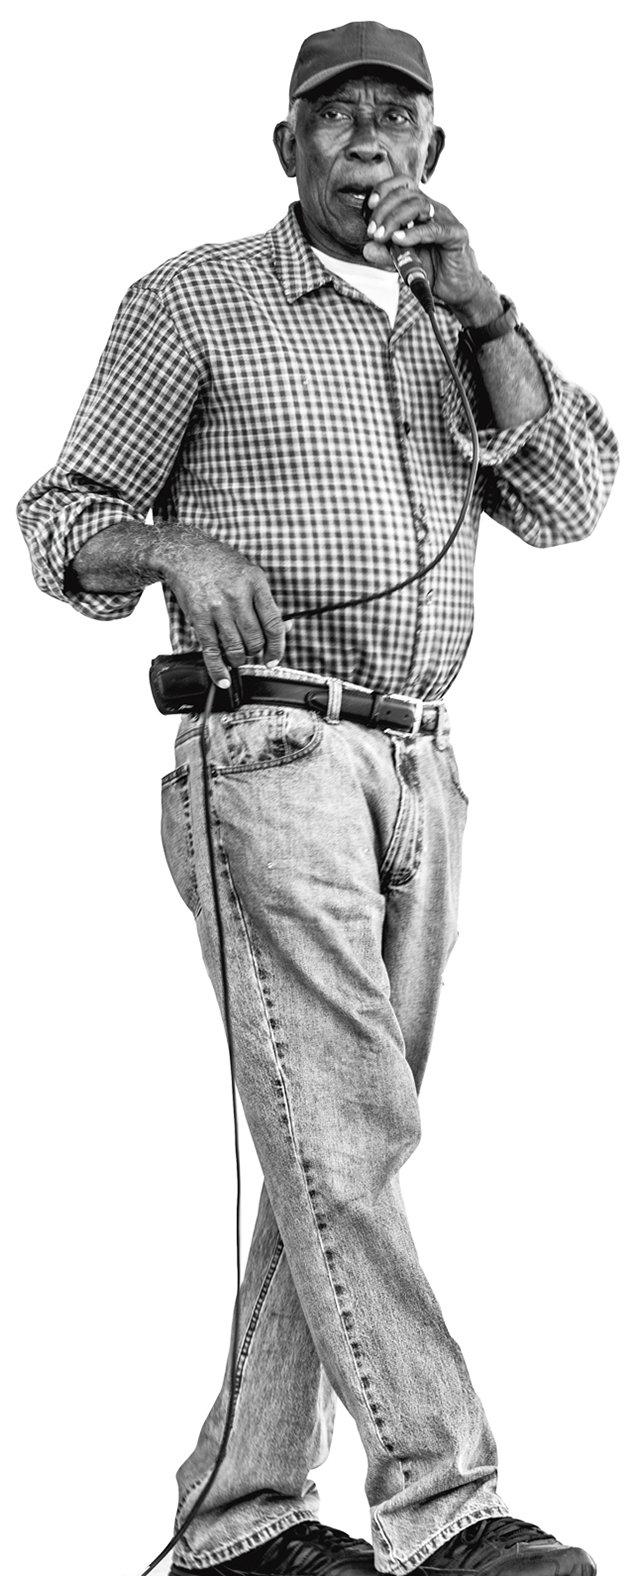 O'Neal Larkin